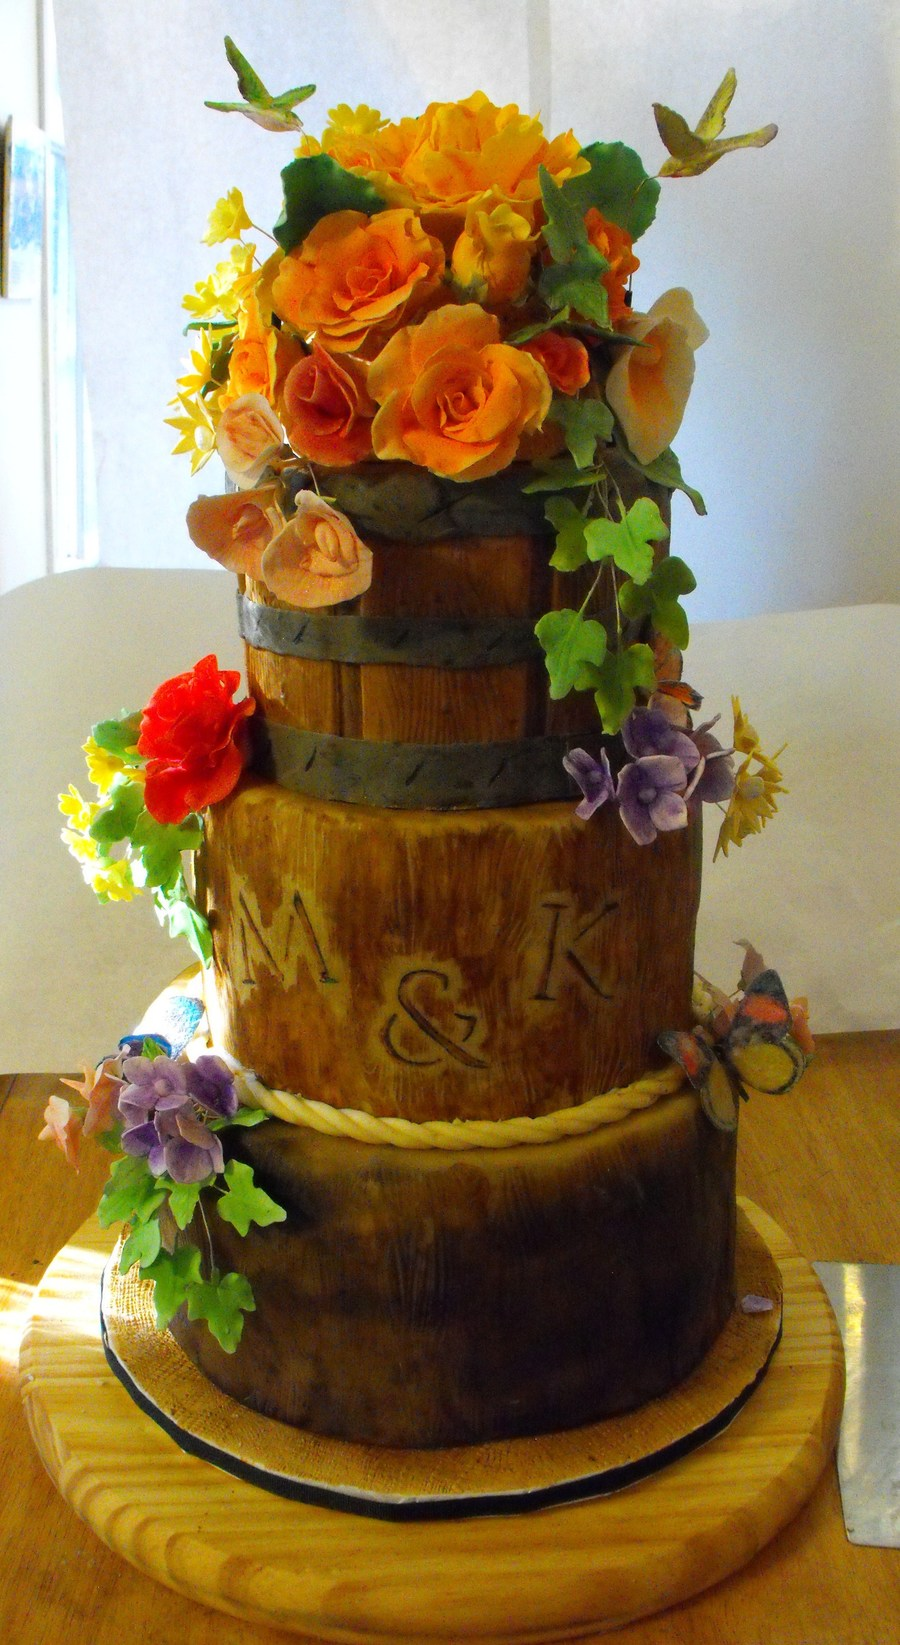 Wood Stumps And Flower Basket Cakecentral Com